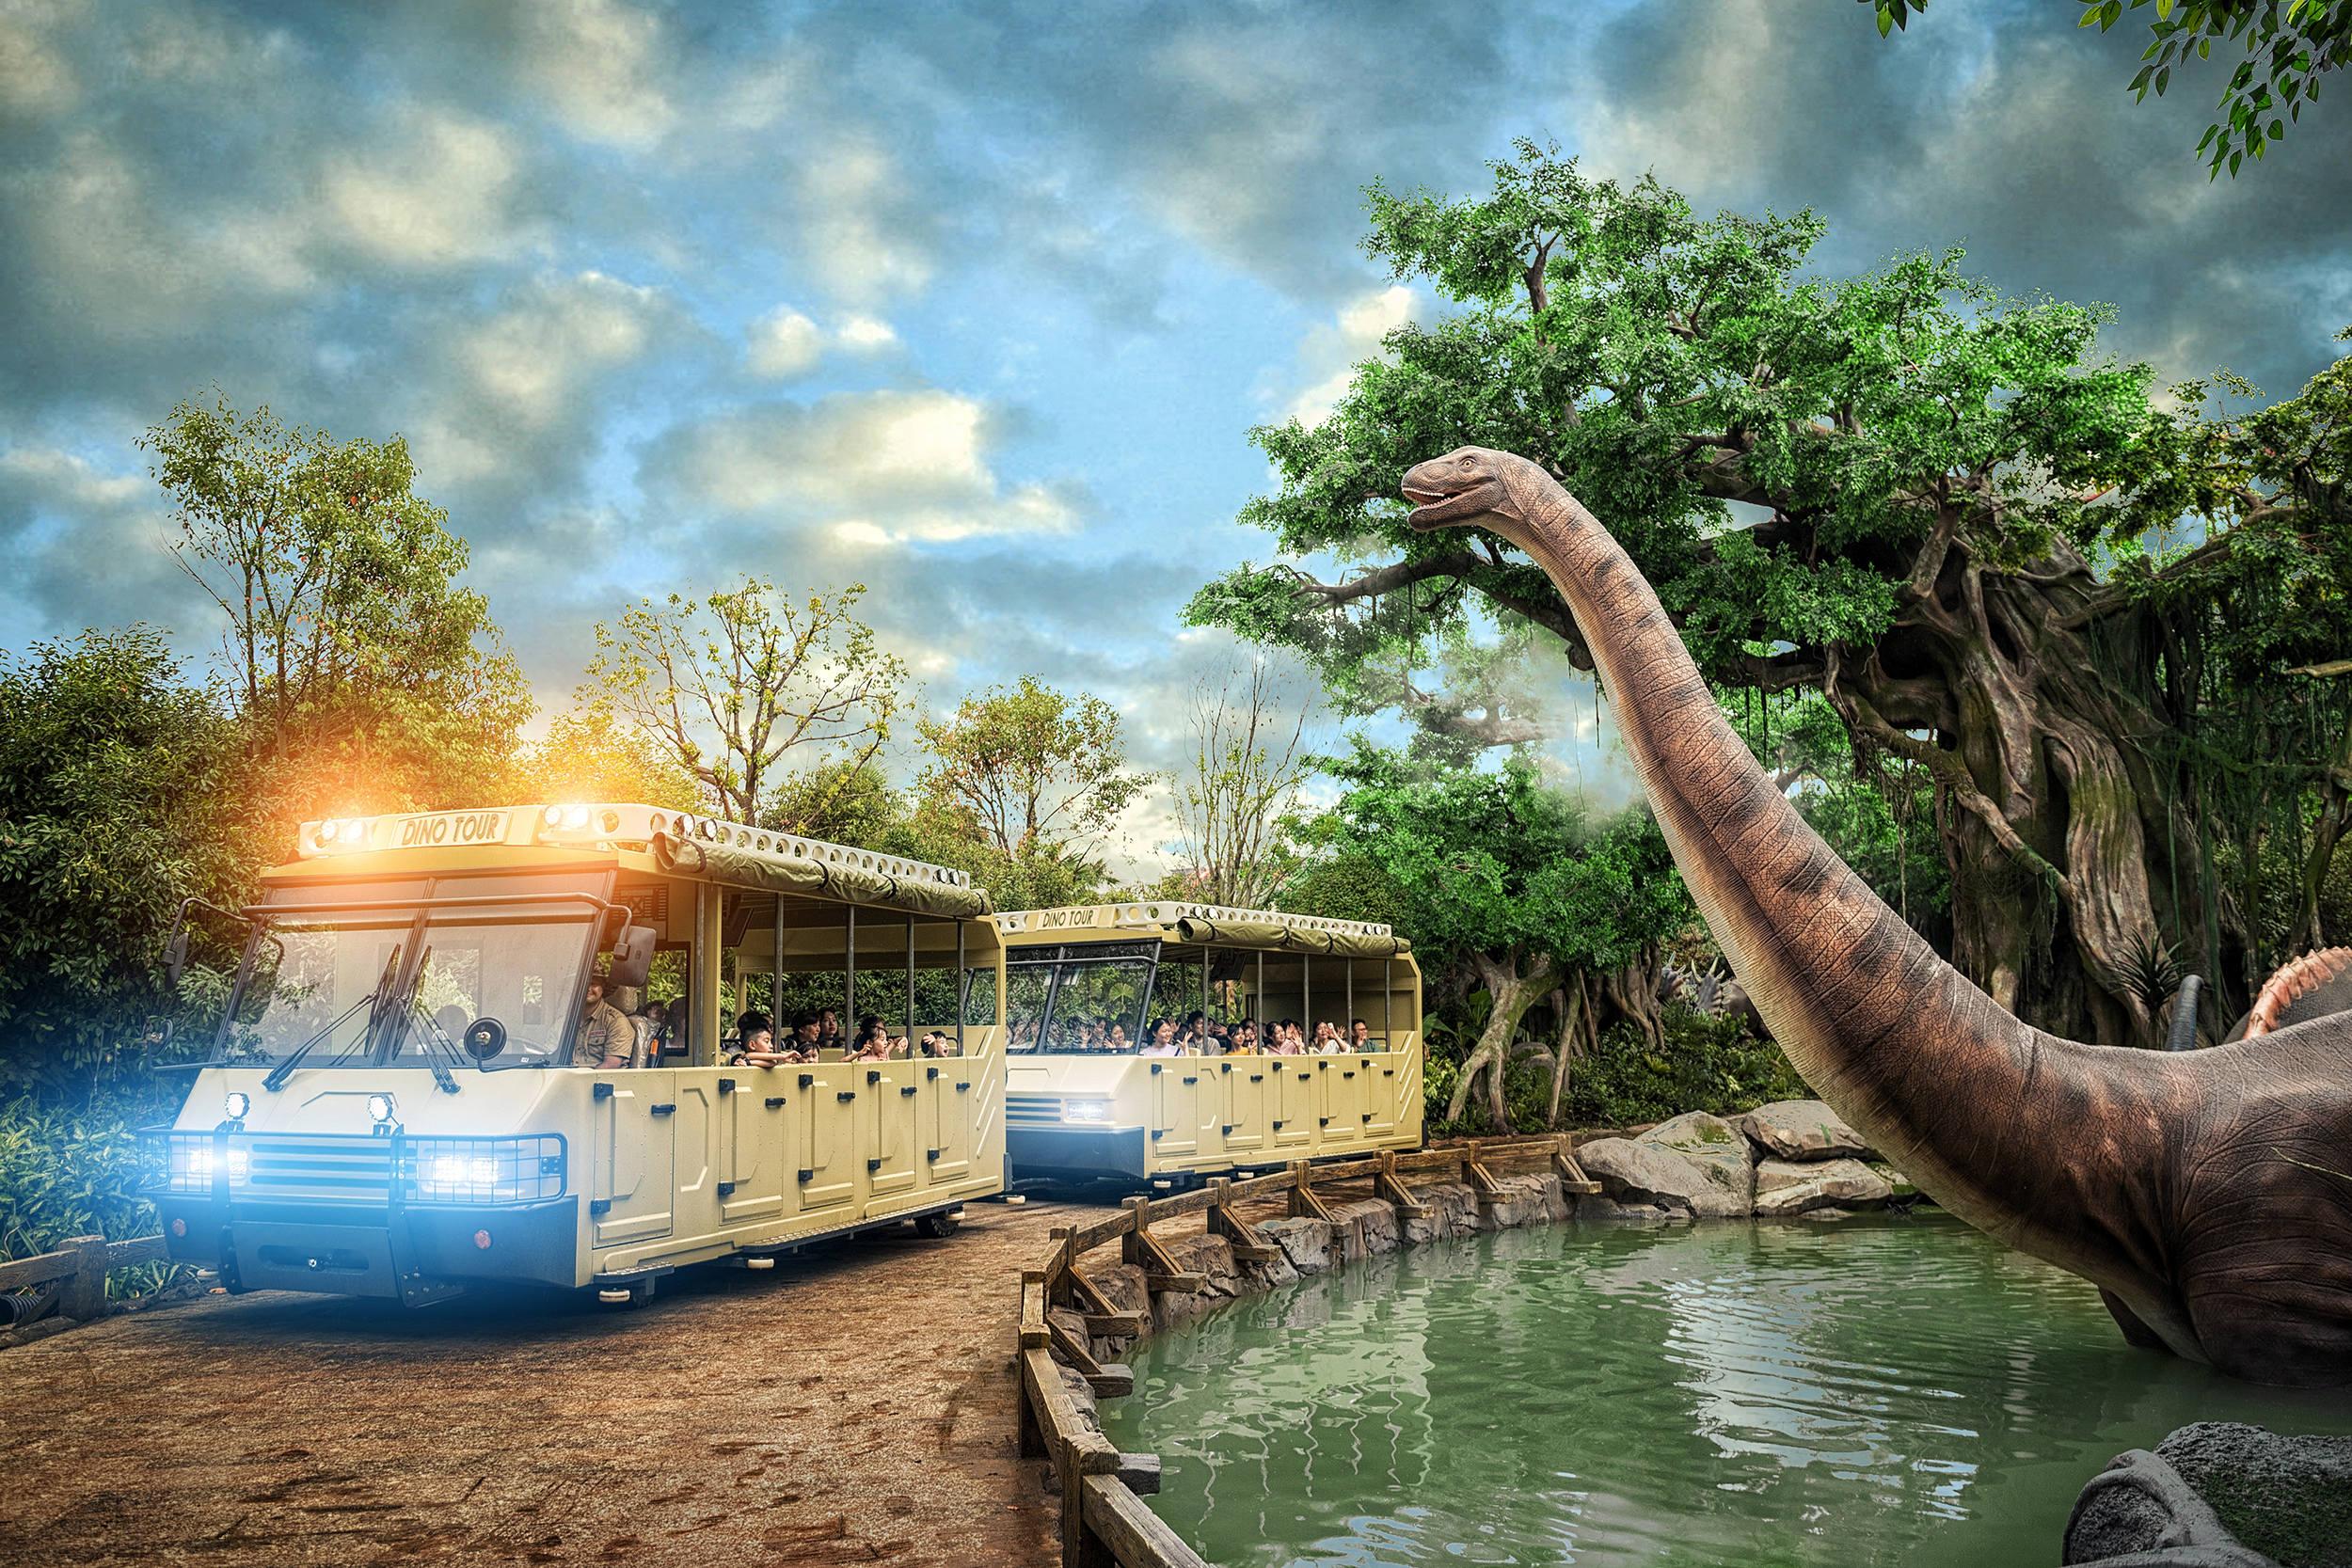 Chinese Dinosaur Park